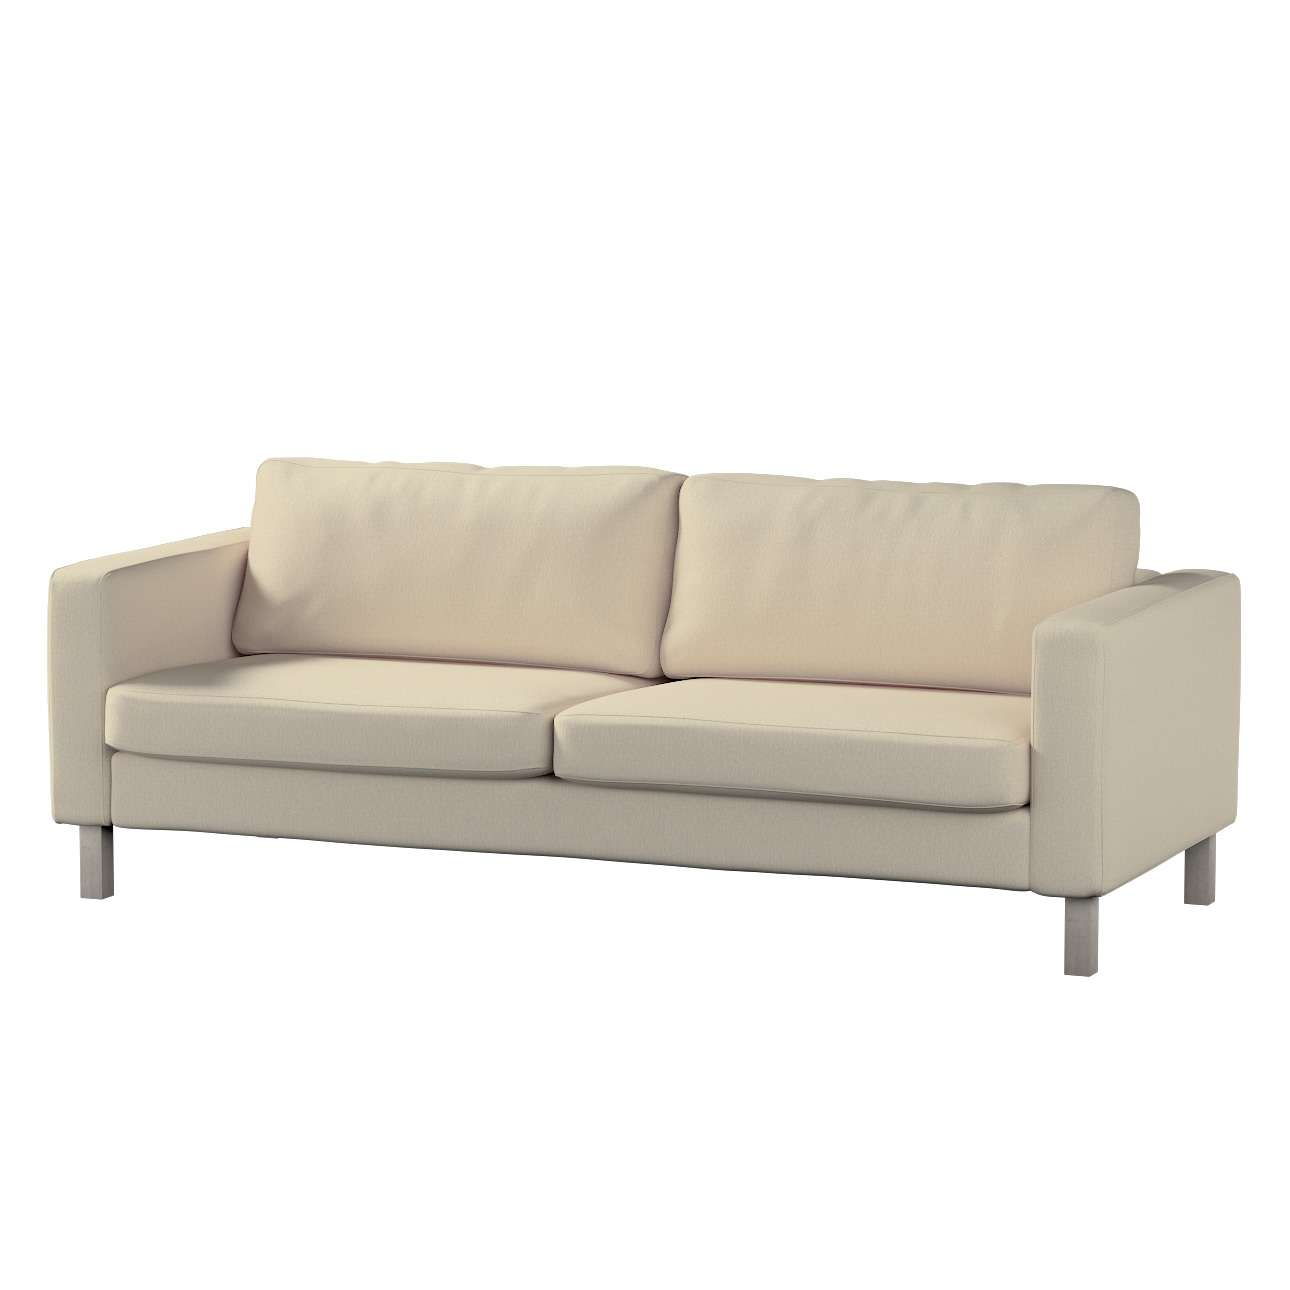 Pokrowiec na sofę Karlstad rozkładaną w kolekcji Chenille, tkanina: 702-22